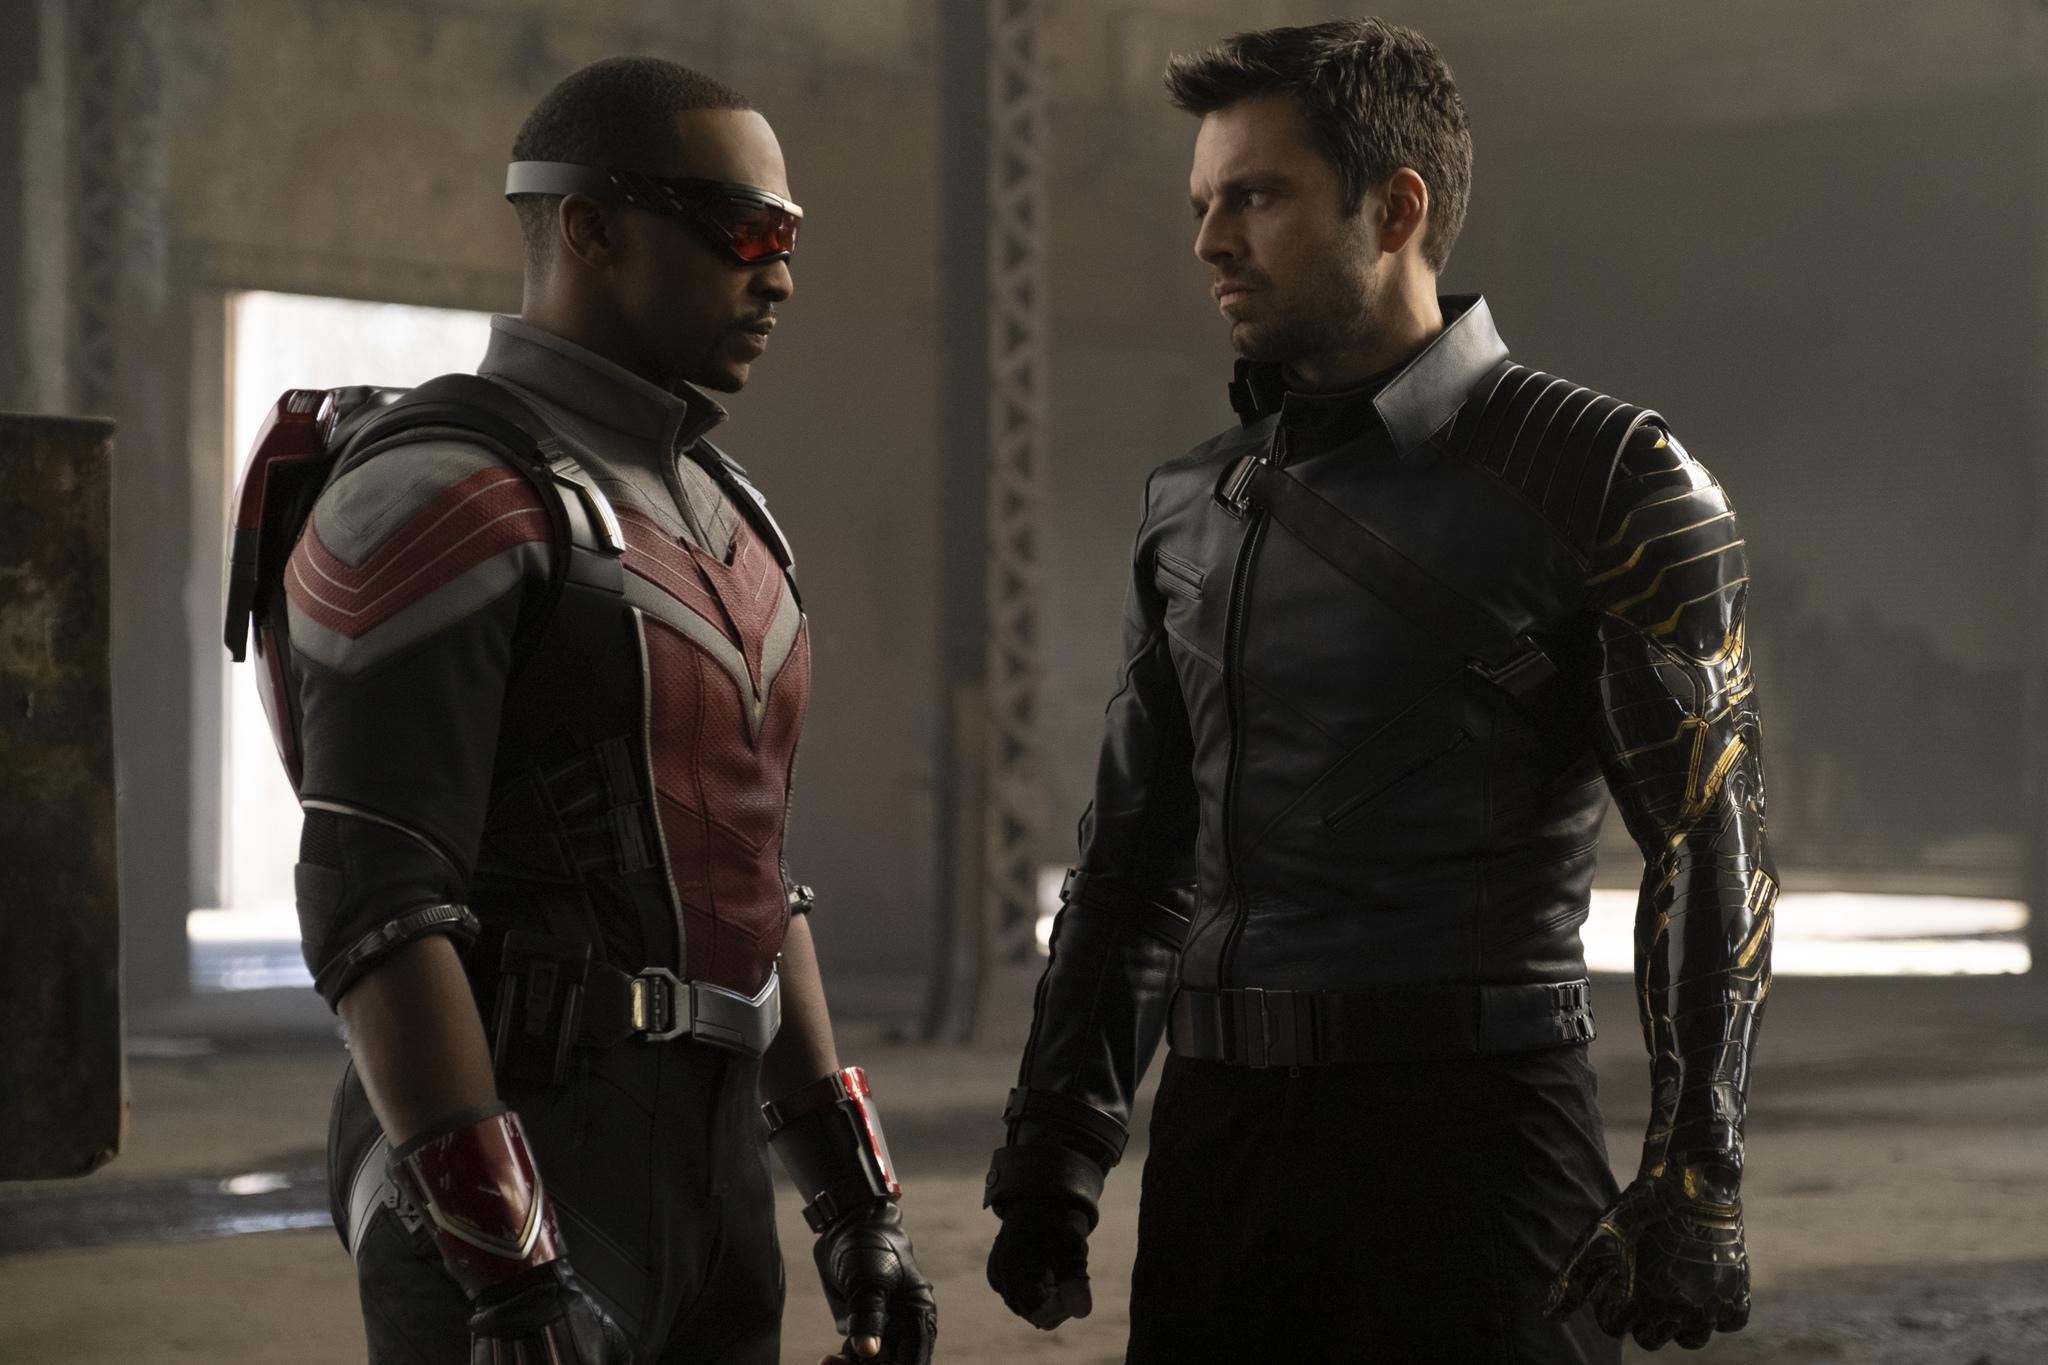 Sam y Bucky como Falcon y Winter Soldier en Disney+